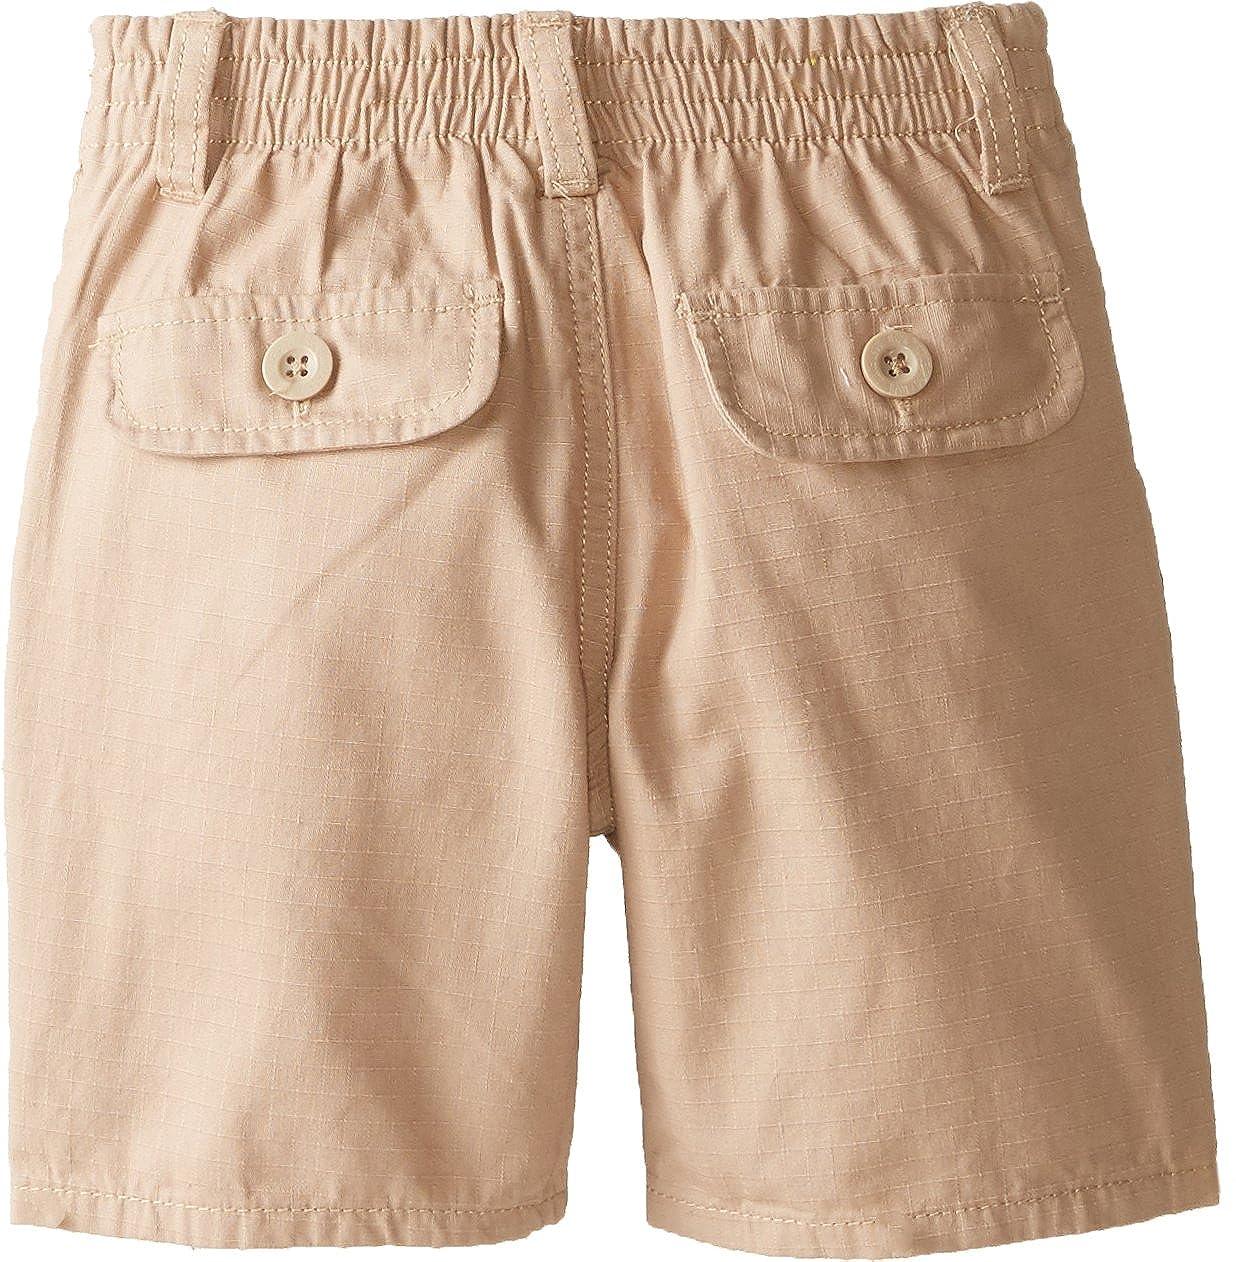 Boys Short Sleeve Woven Shirt with Ripstop Short US Polo Assn U.S Boys 4-7 HB00/_1 Polo Assn